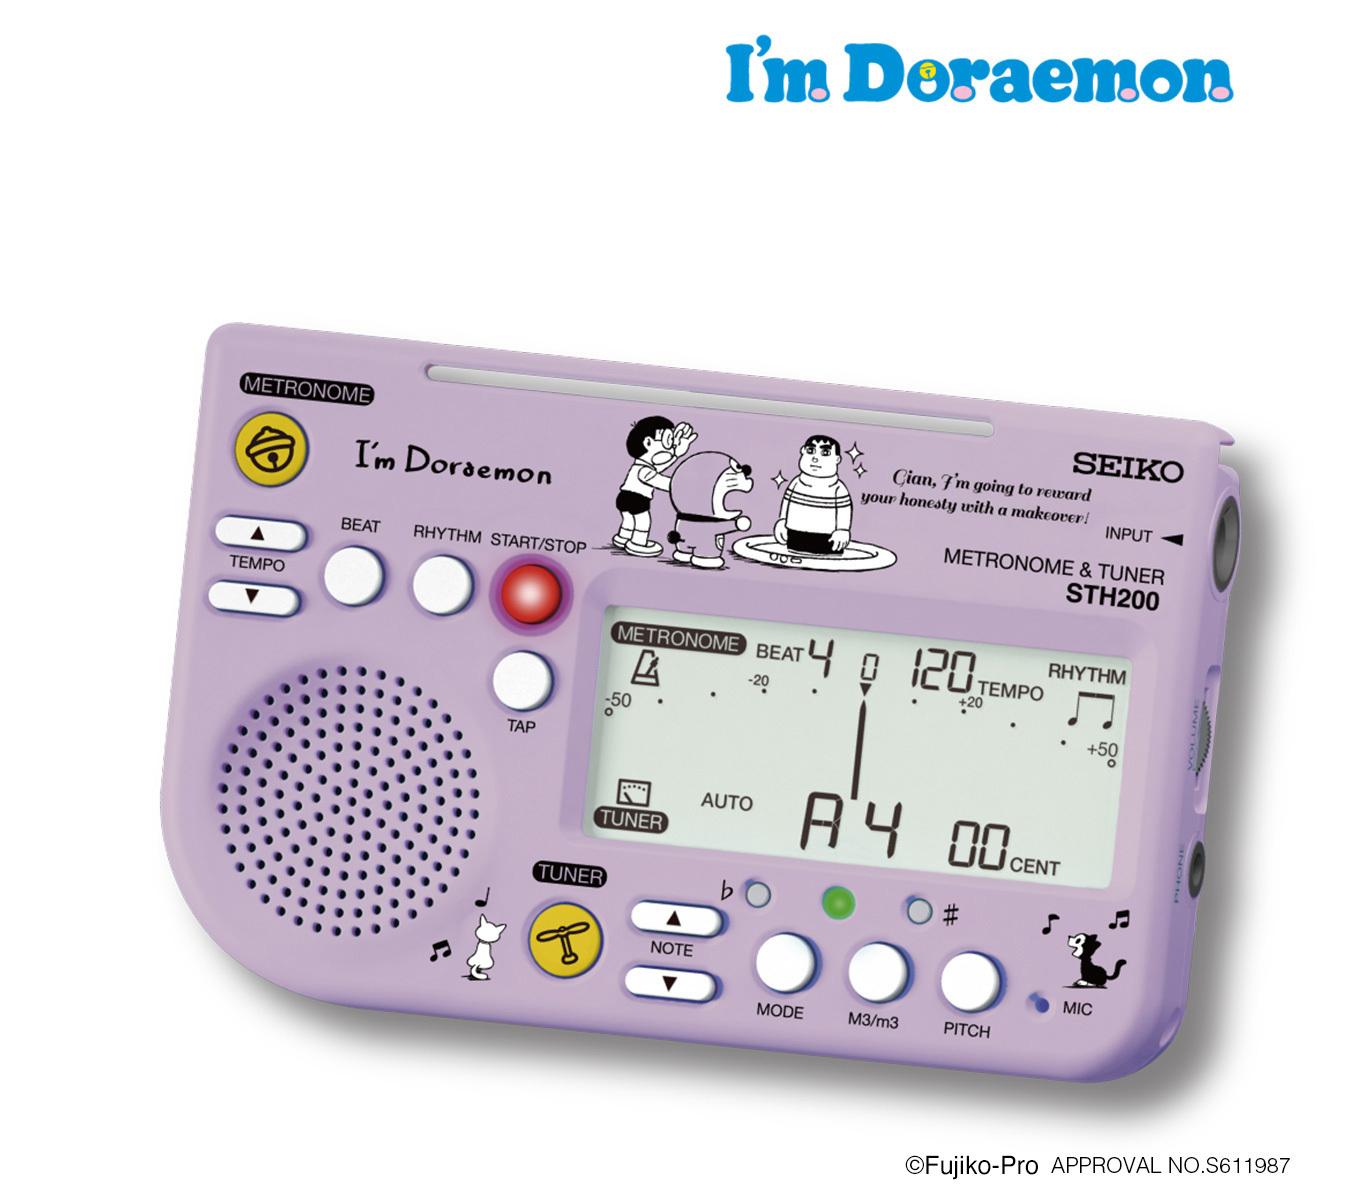 セイコー メトロノーム&チューナー 【ドラえもん限定デザイン】STH200DRLV  I'm Doraemon